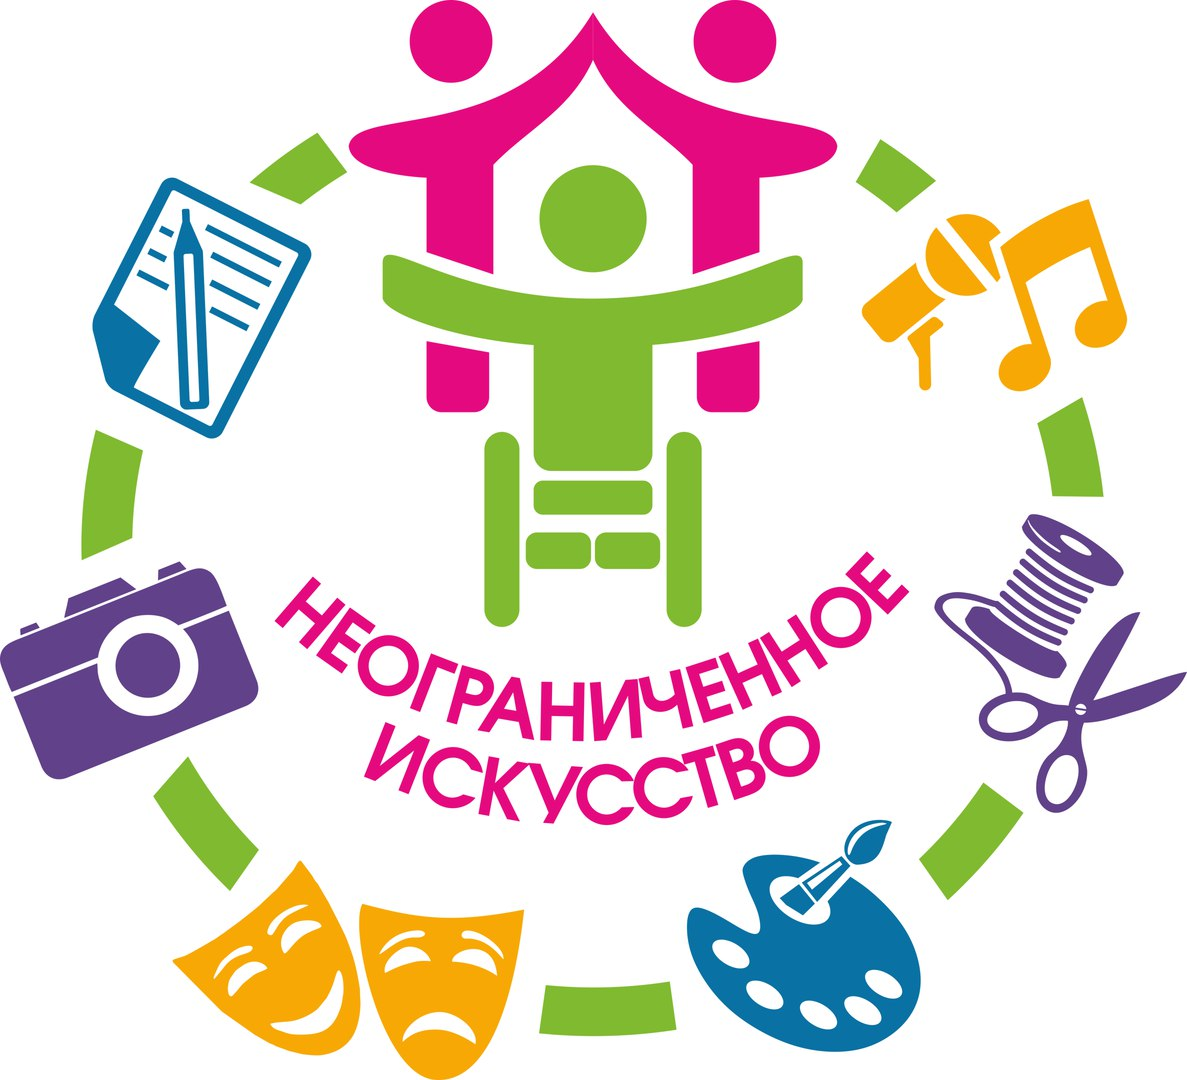 """Мероприятия проекта """"Неограниченное Искусство"""""""